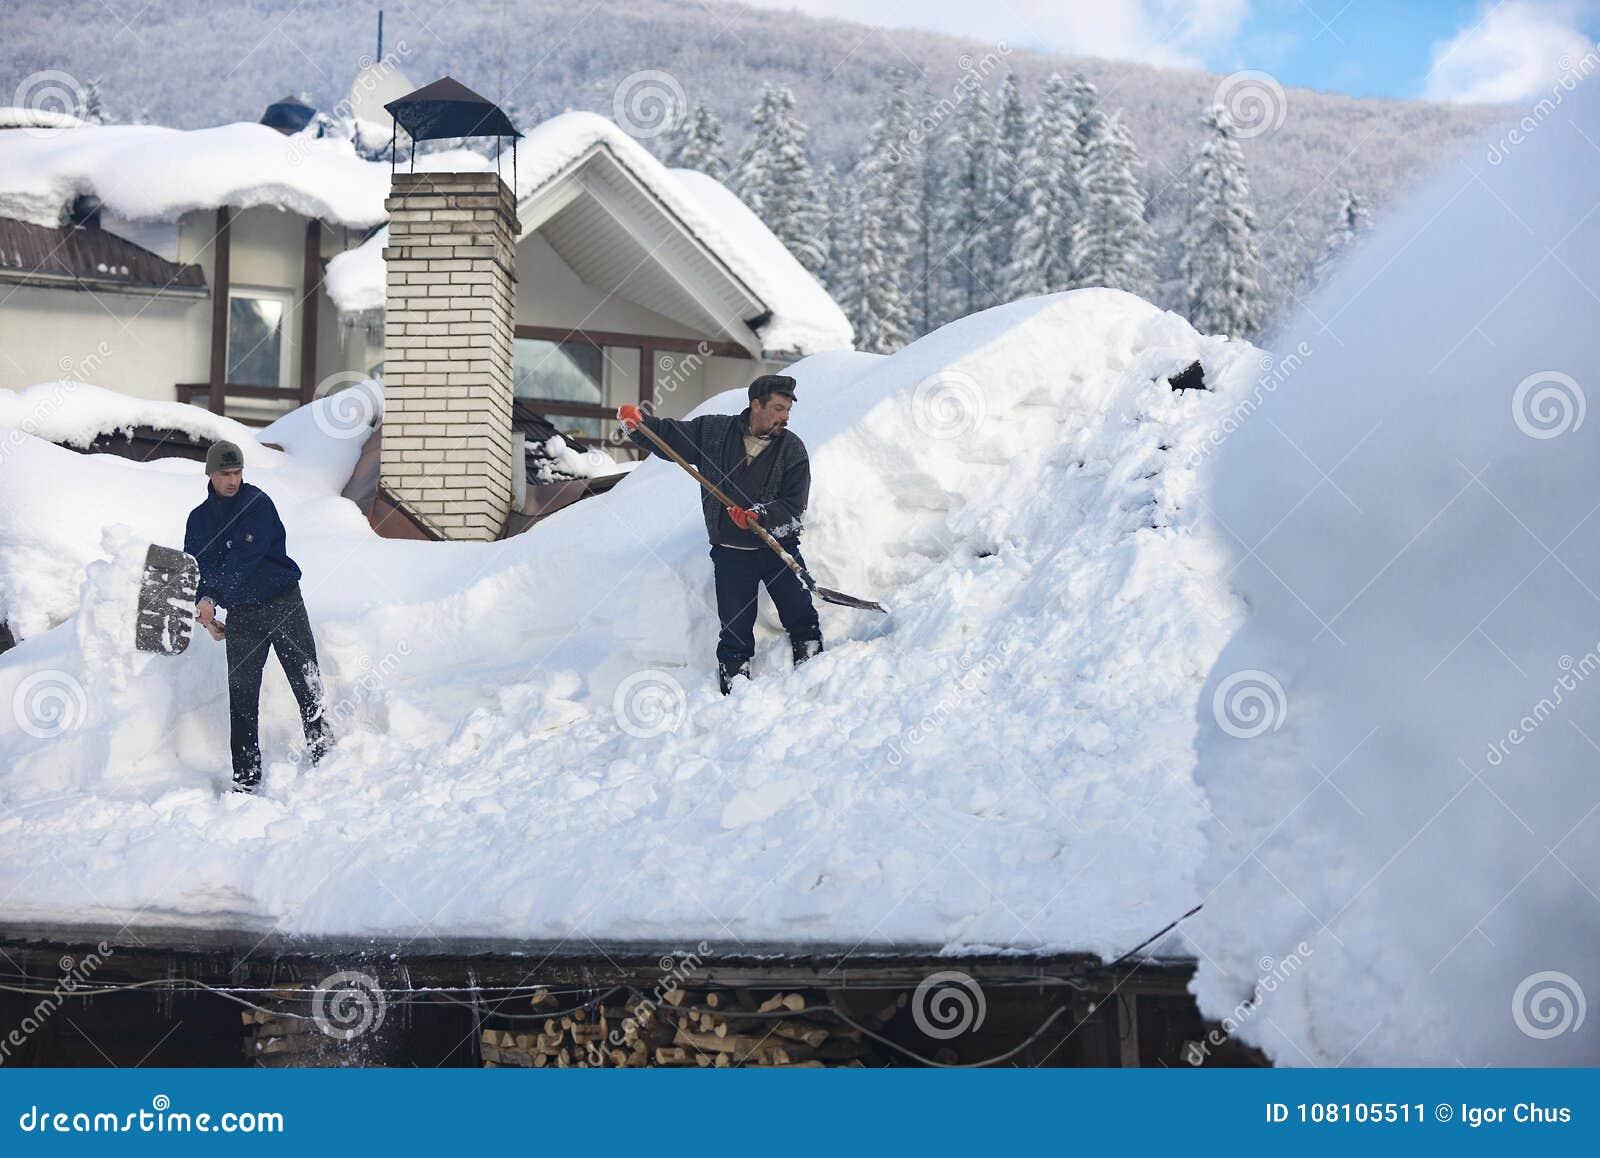 L homme nettoie le toit de la maison pendant les chutes de neige 2017